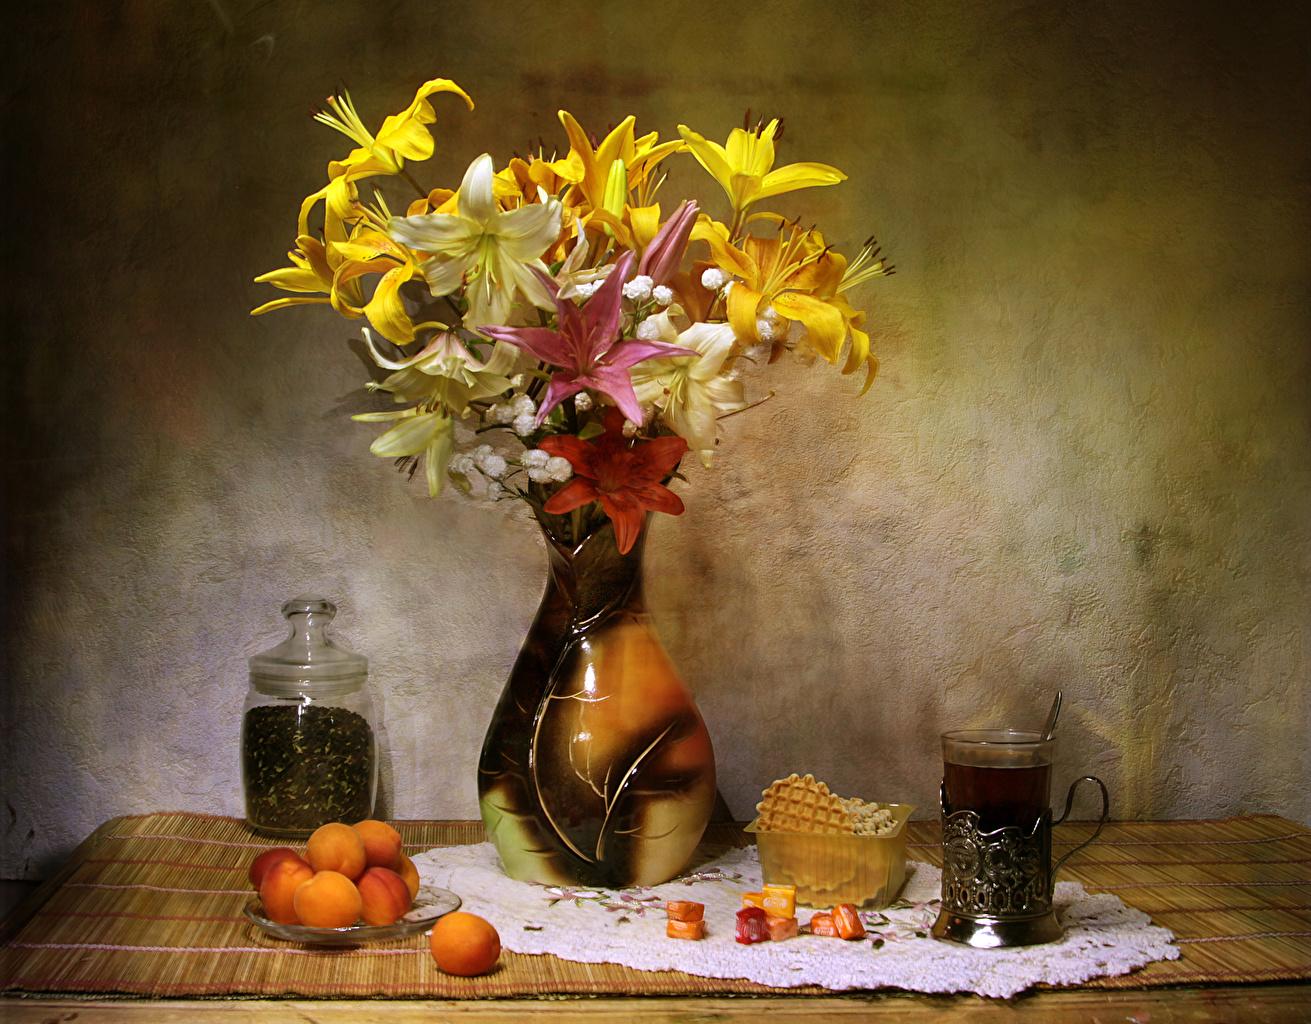 Обои для рабочего стола Чай Лилии Абрикос цветок Стакан Еда Ваза Сладости Натюрморт лилия Цветы стакана стакане Пища вазы вазе Продукты питания сладкая еда